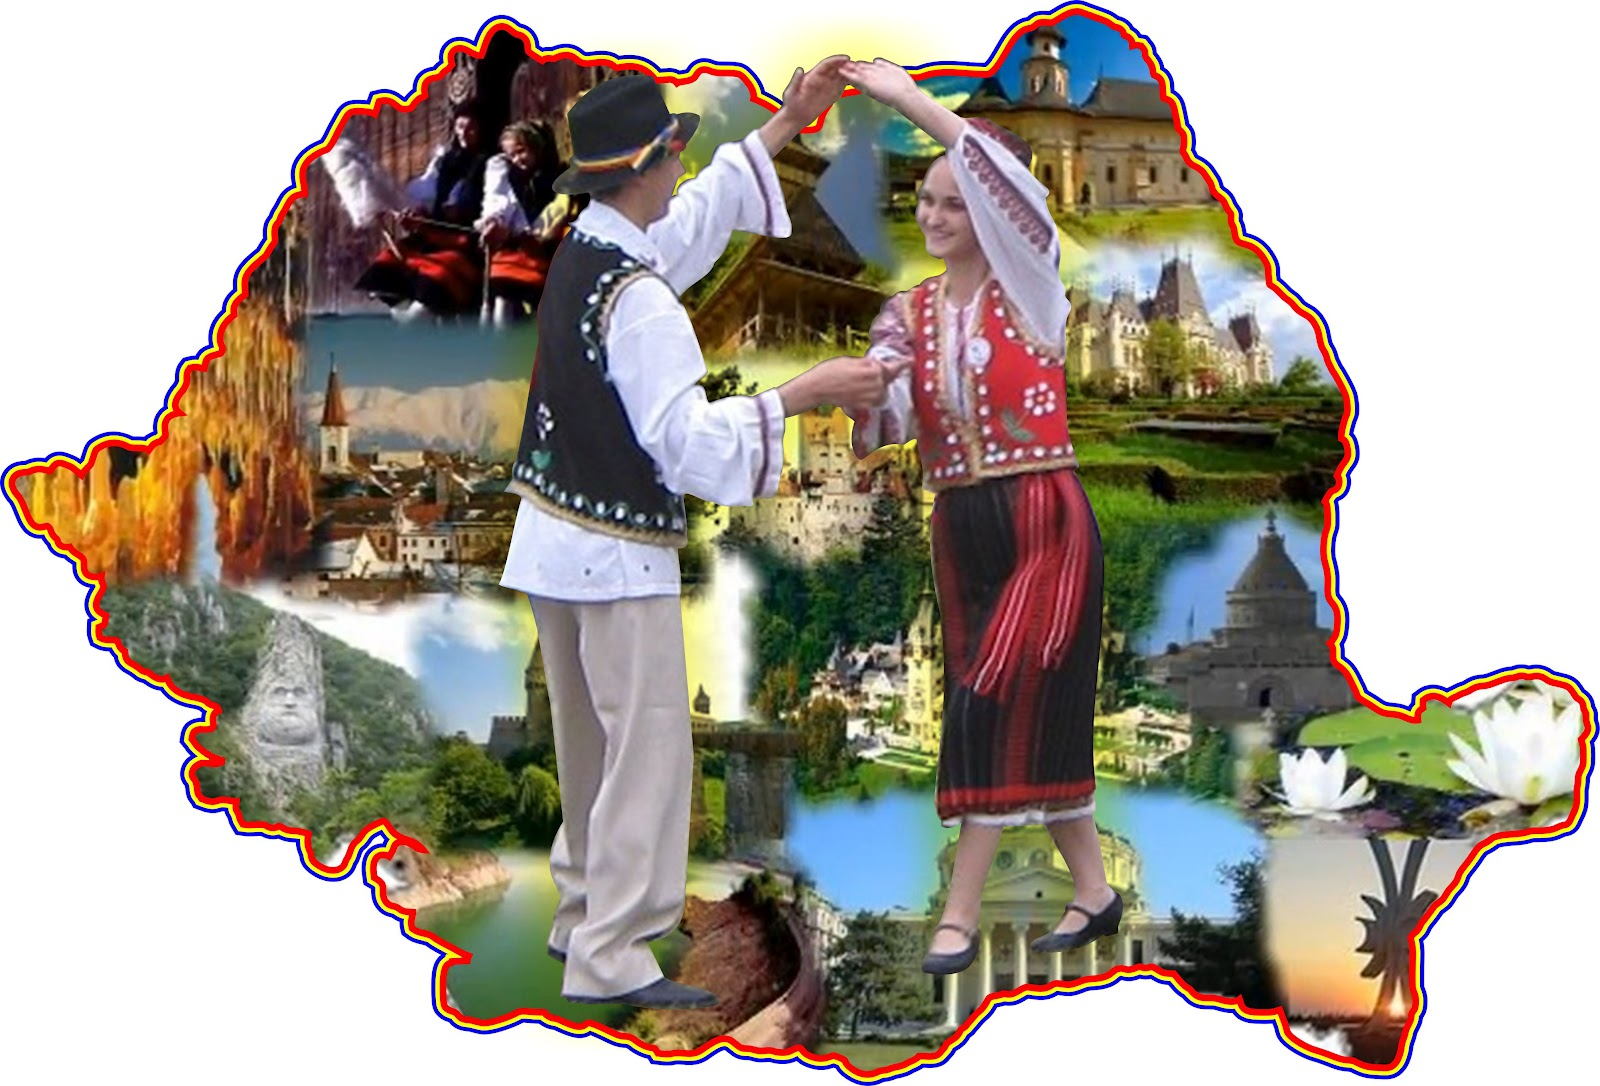 Imagini traditii si obiceiuri romanesti